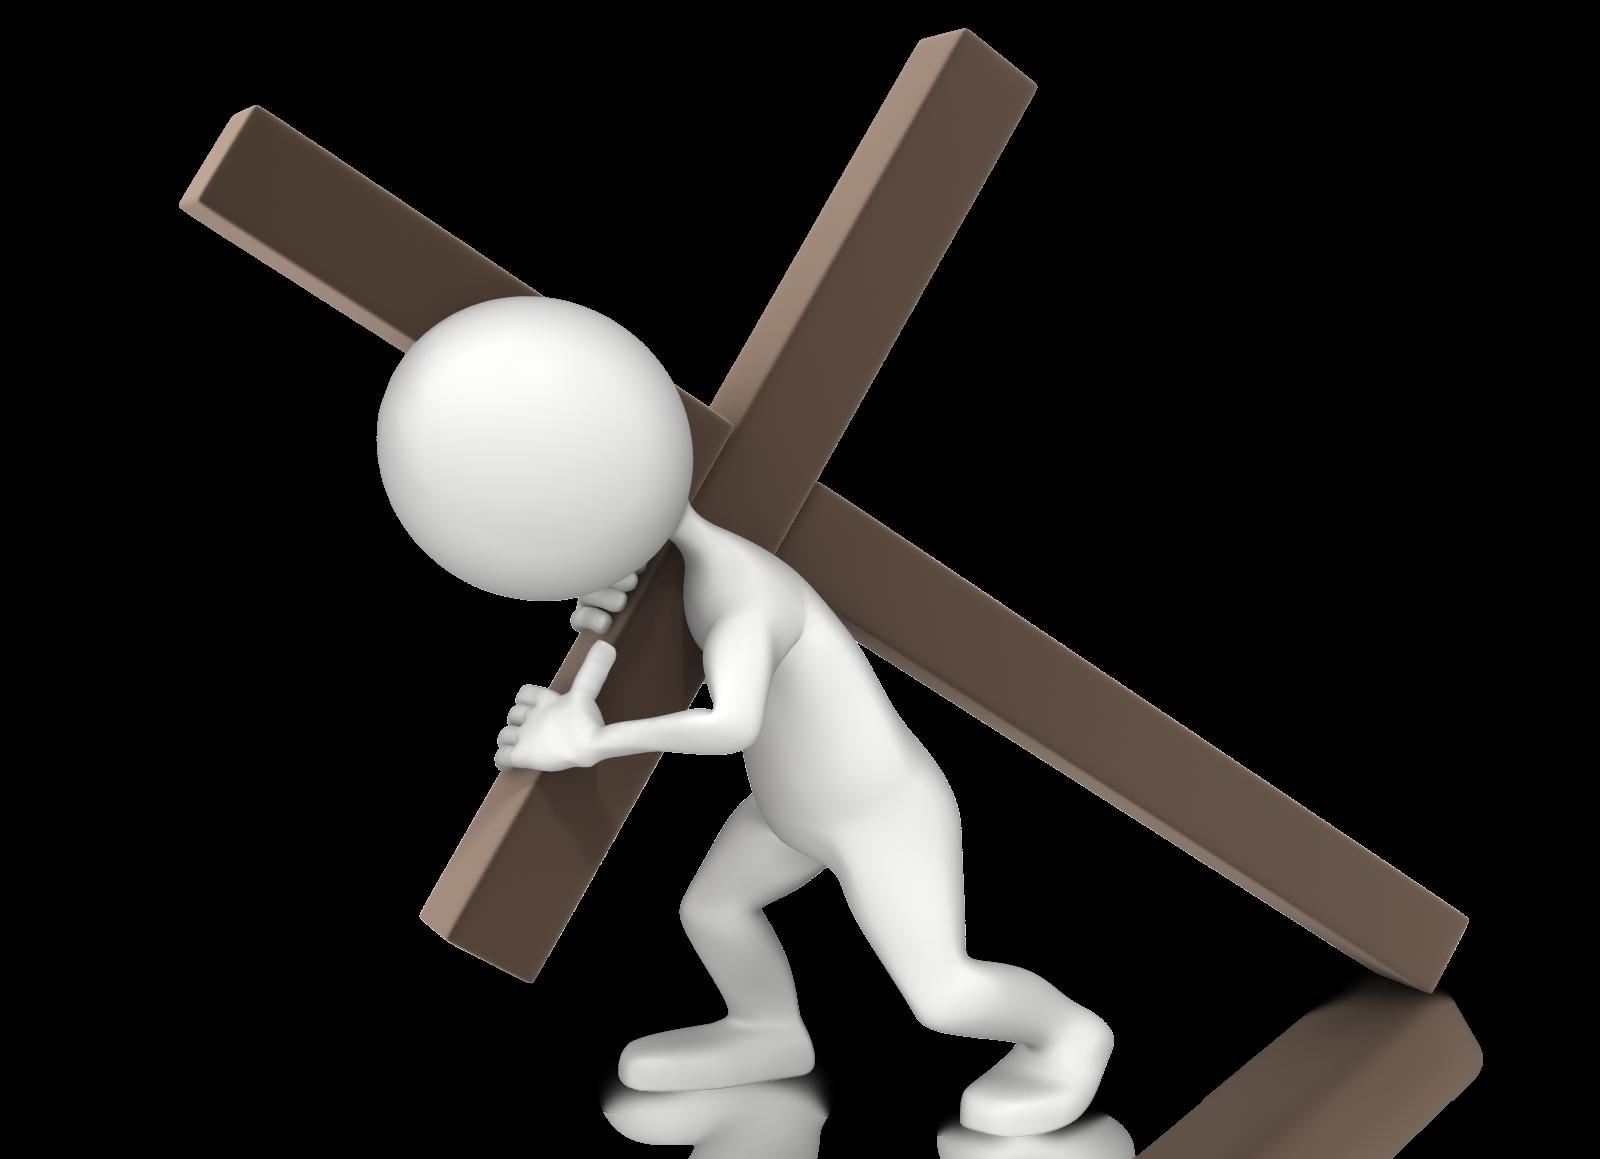 Los Valores Cristianos que hicieron Prosperar a Occidente